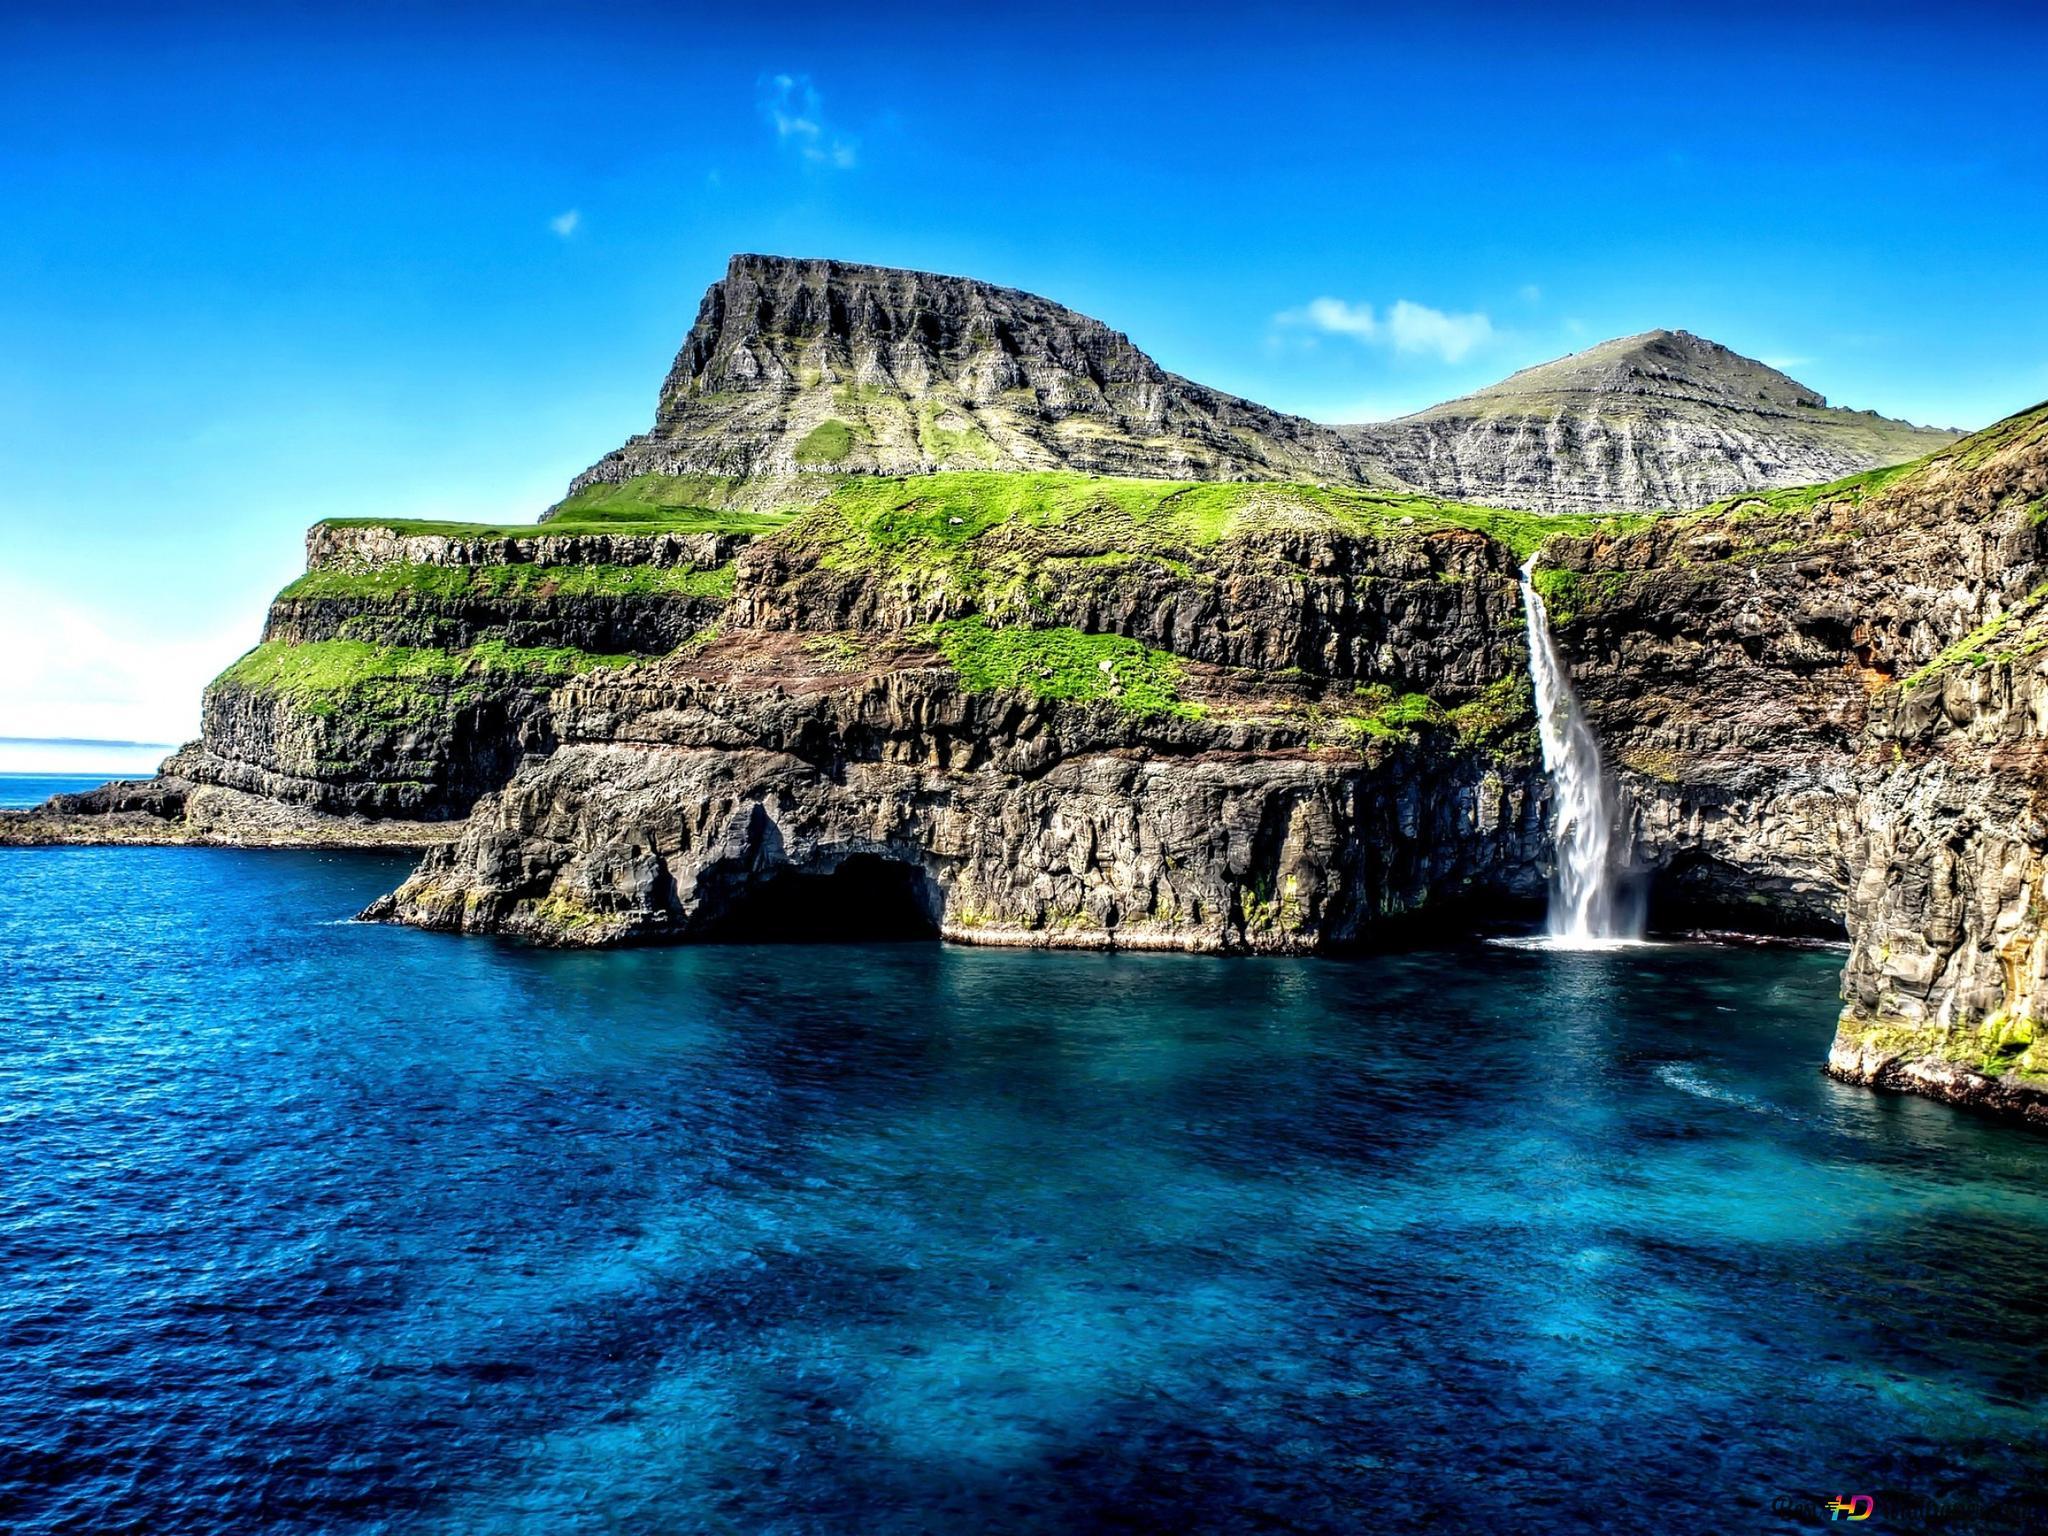 ハワイの海岸の滝 Hd壁紙のダウンロード